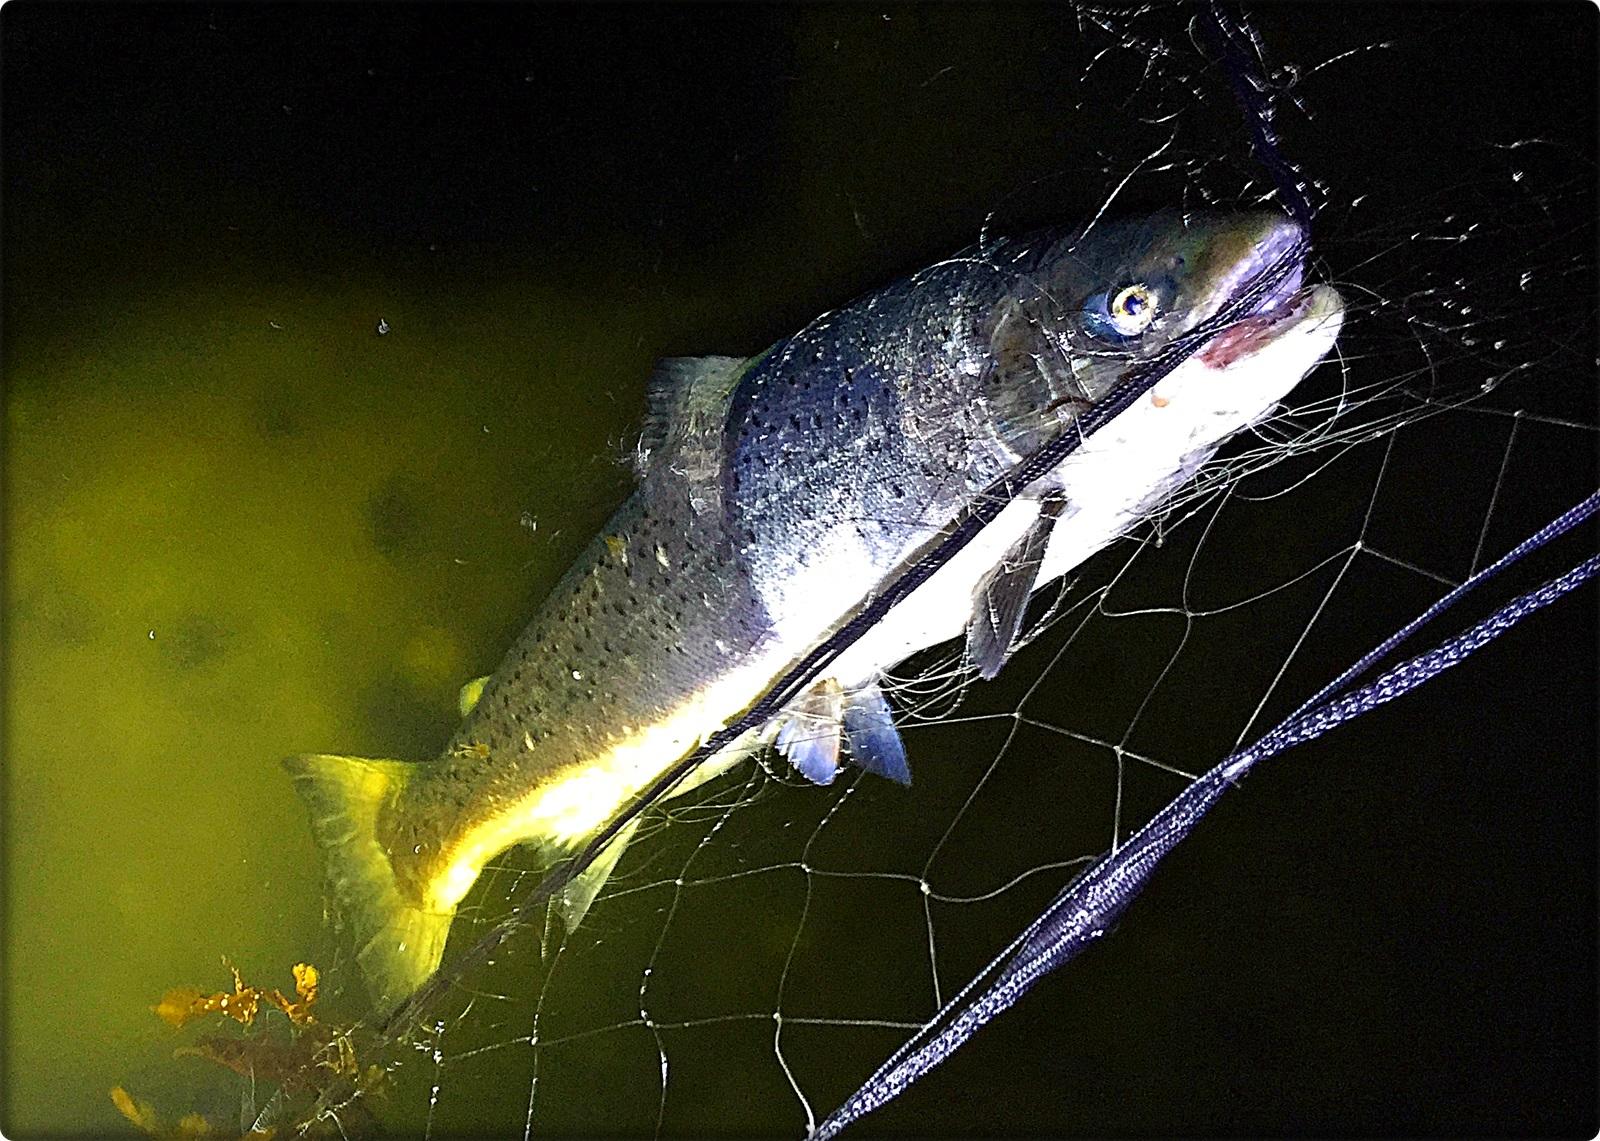 Denne smellfeite gjeldfisken stod i garnet når jeg ringte oppsynsmannen